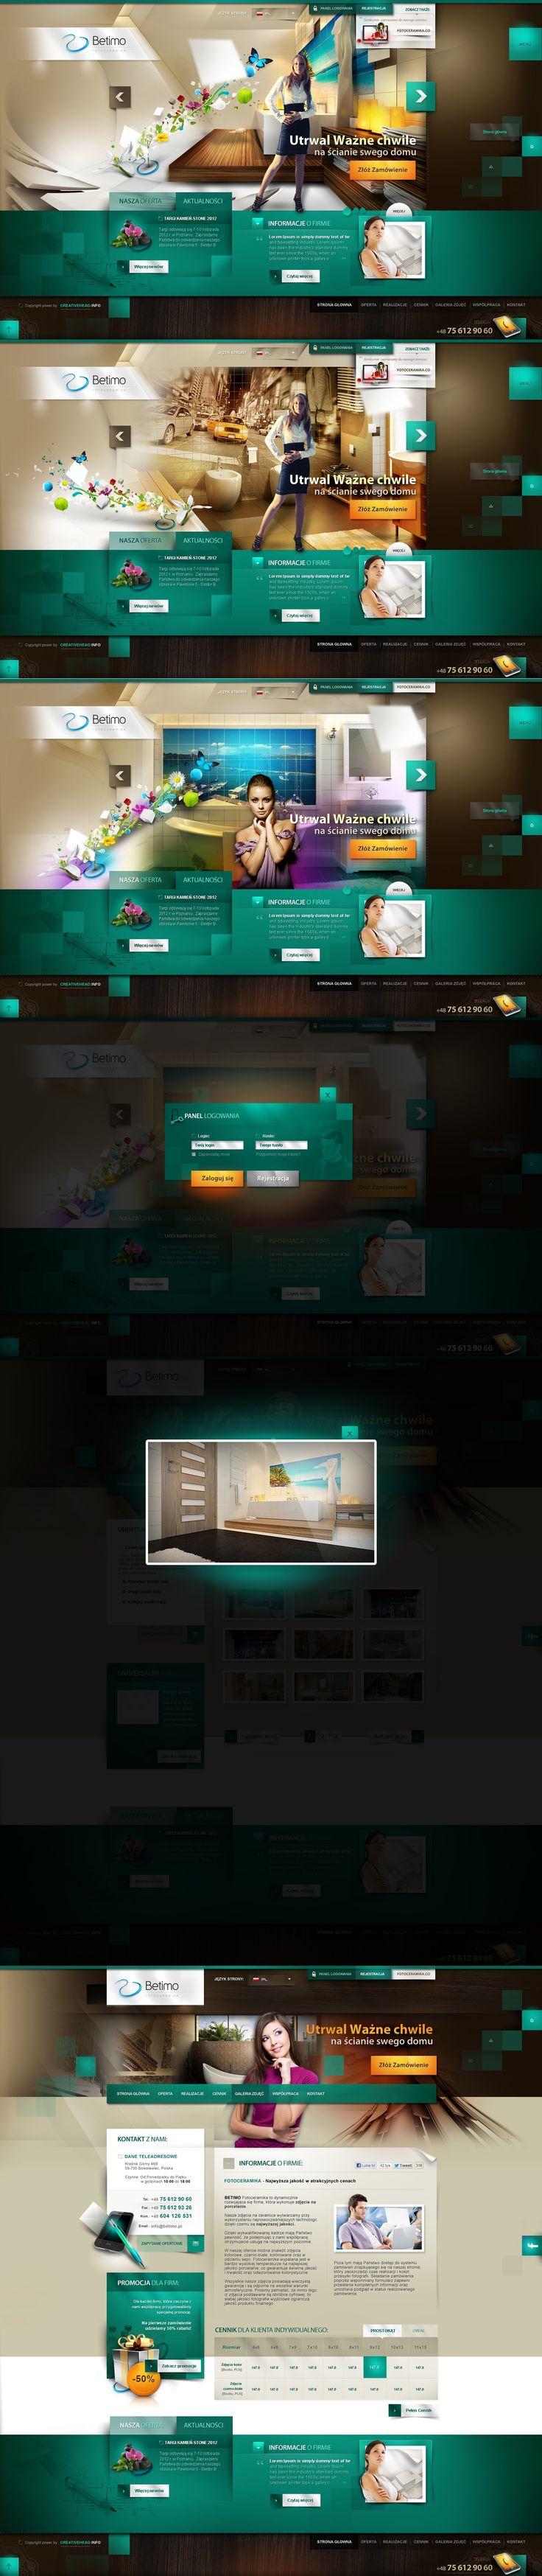 Betimo.pl - liquide website by webdesigner1921.deviantart.com